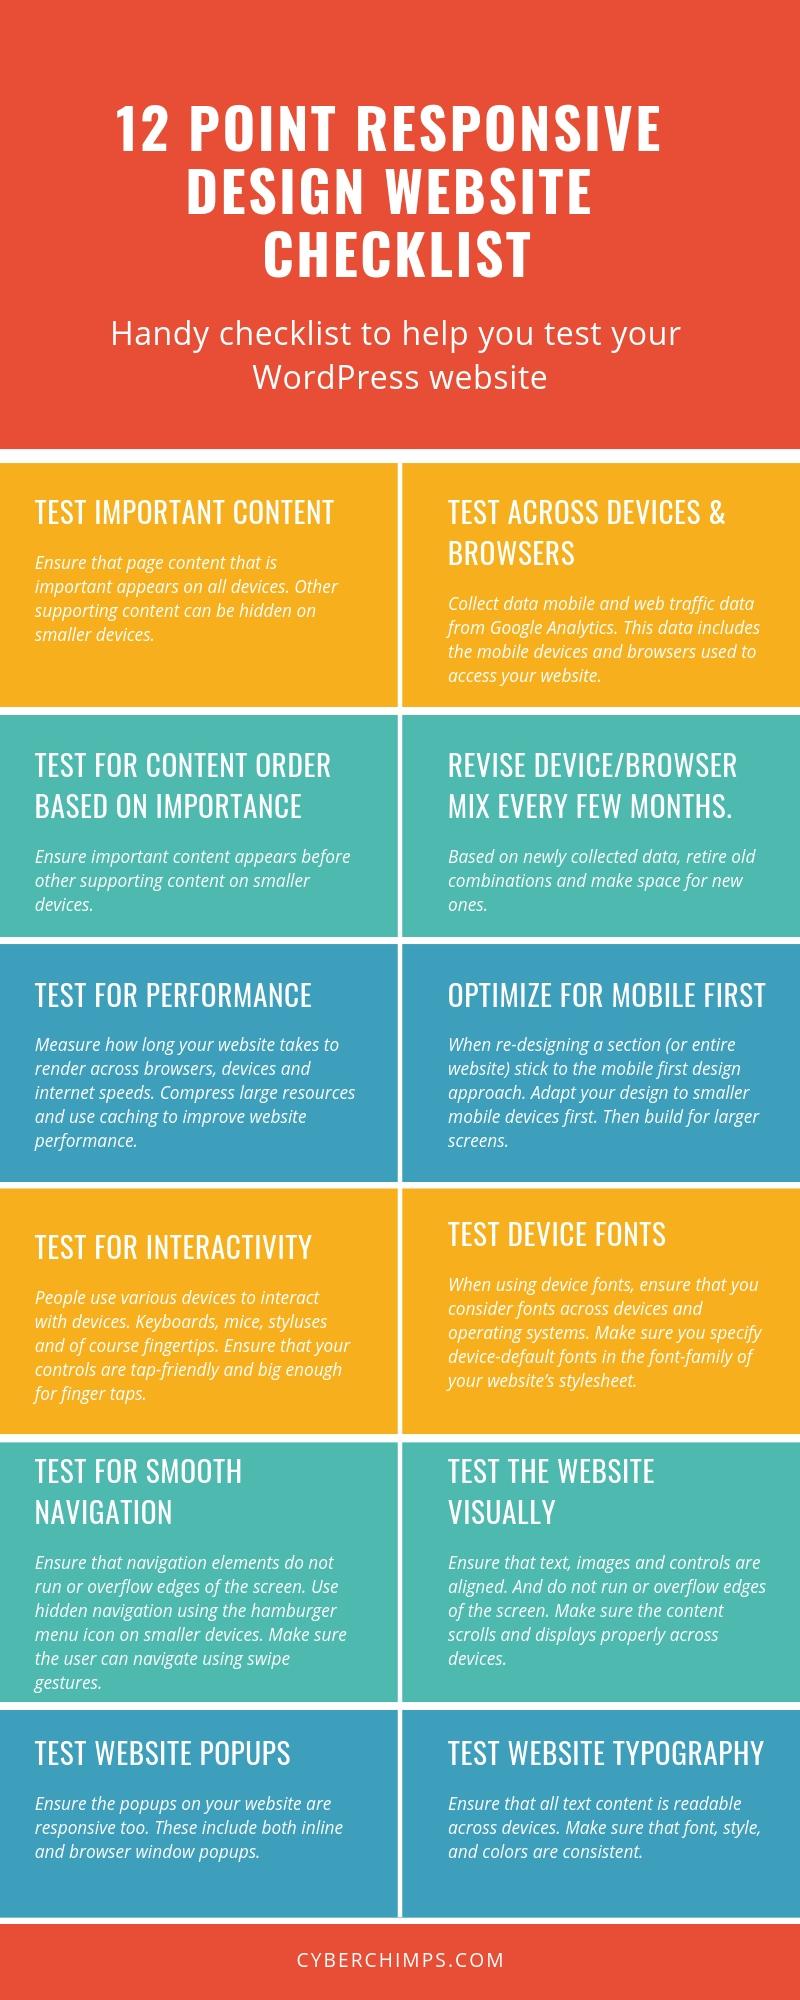 responsive-design-checklist-1